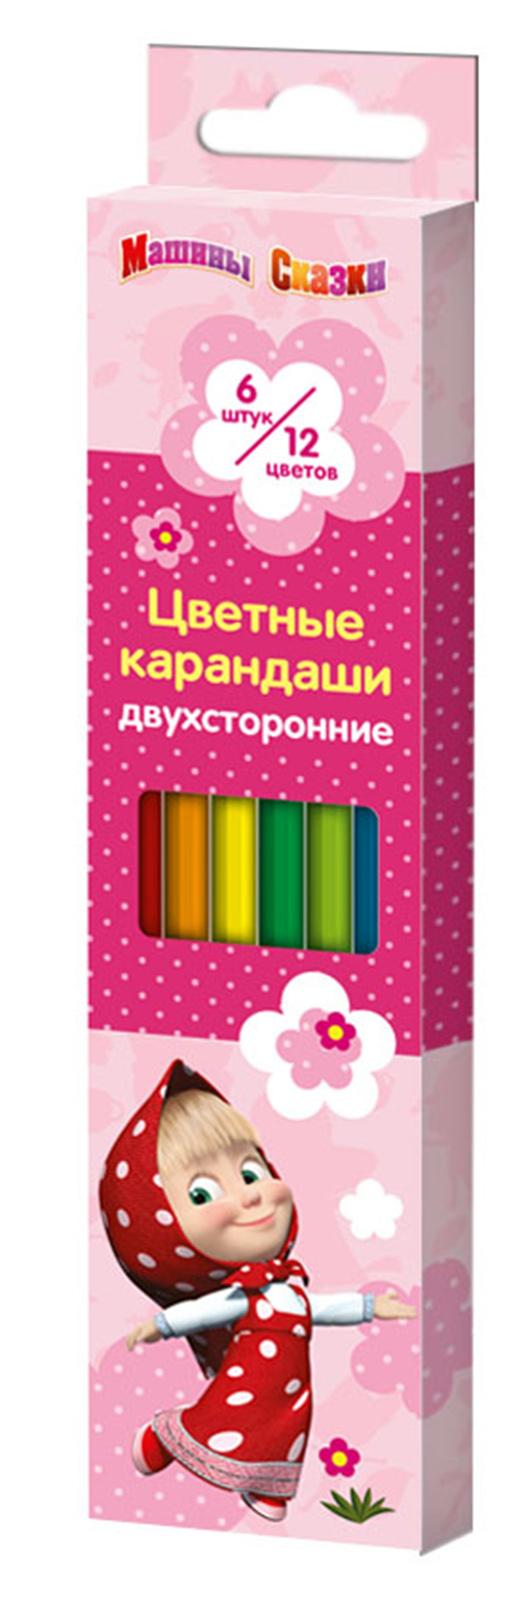 Купить Цветные карандаши двусторонние «Маша и Медведь» 6 штук, 12 цветов, Росмэн